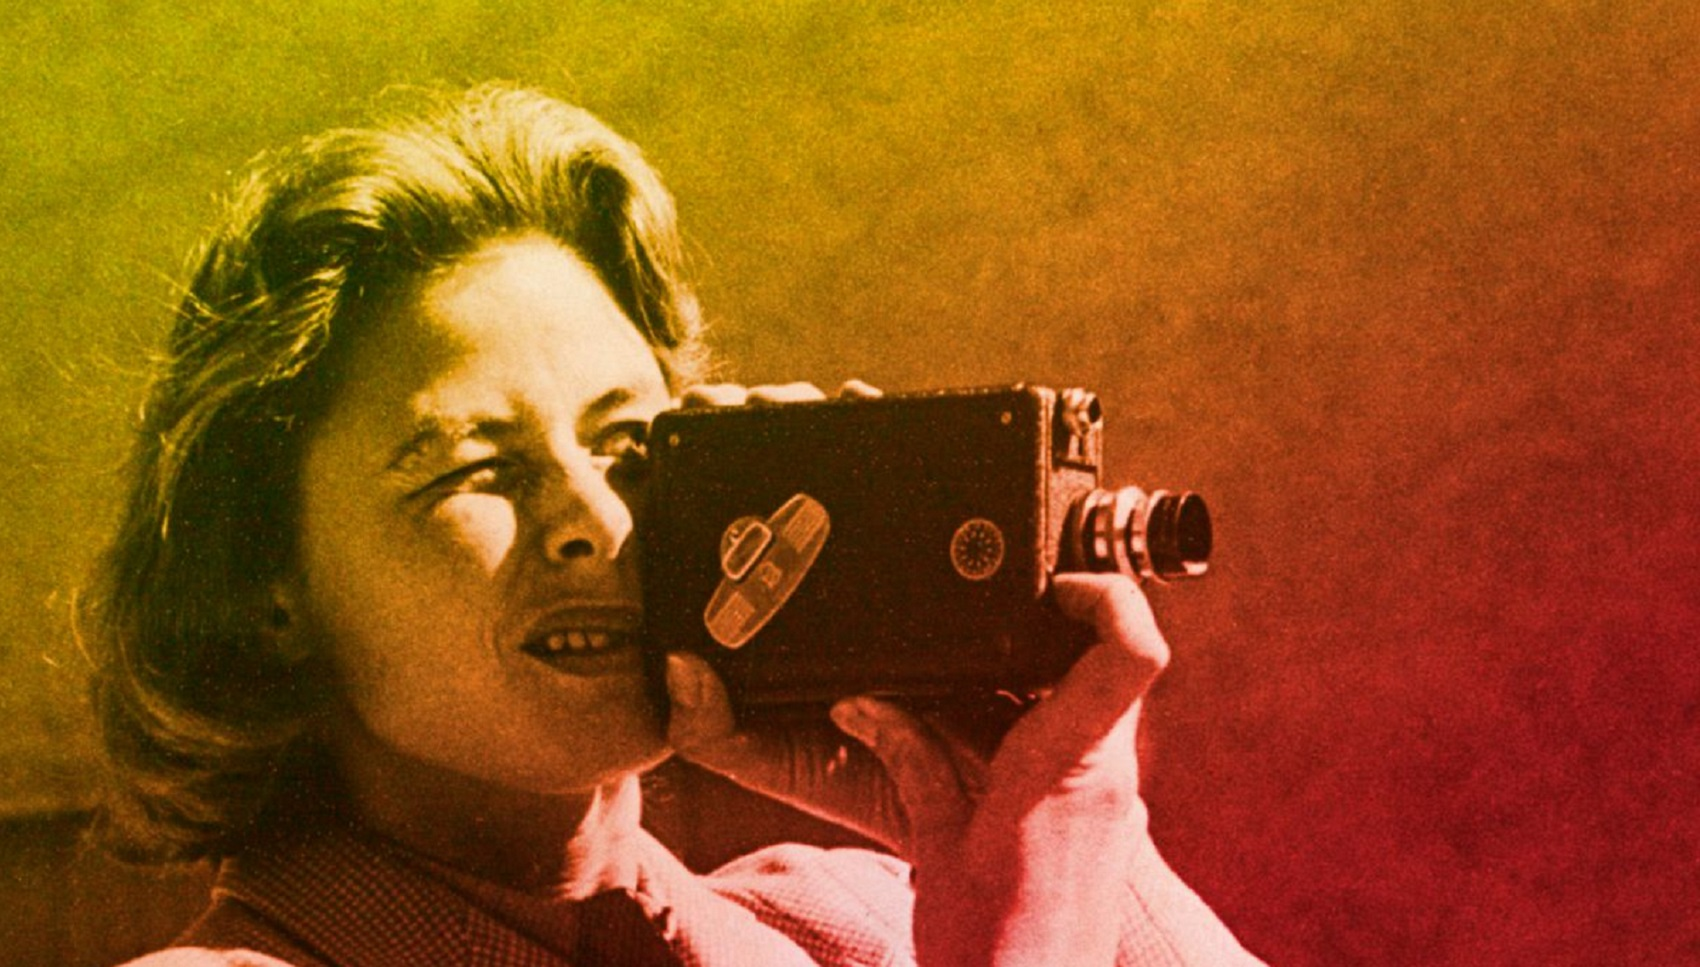 """""""Io sono Ingrid"""" film di Stig Björkman: un documentario intimo sulla Bergman, raccontata dai figli e da chi la conosceva"""